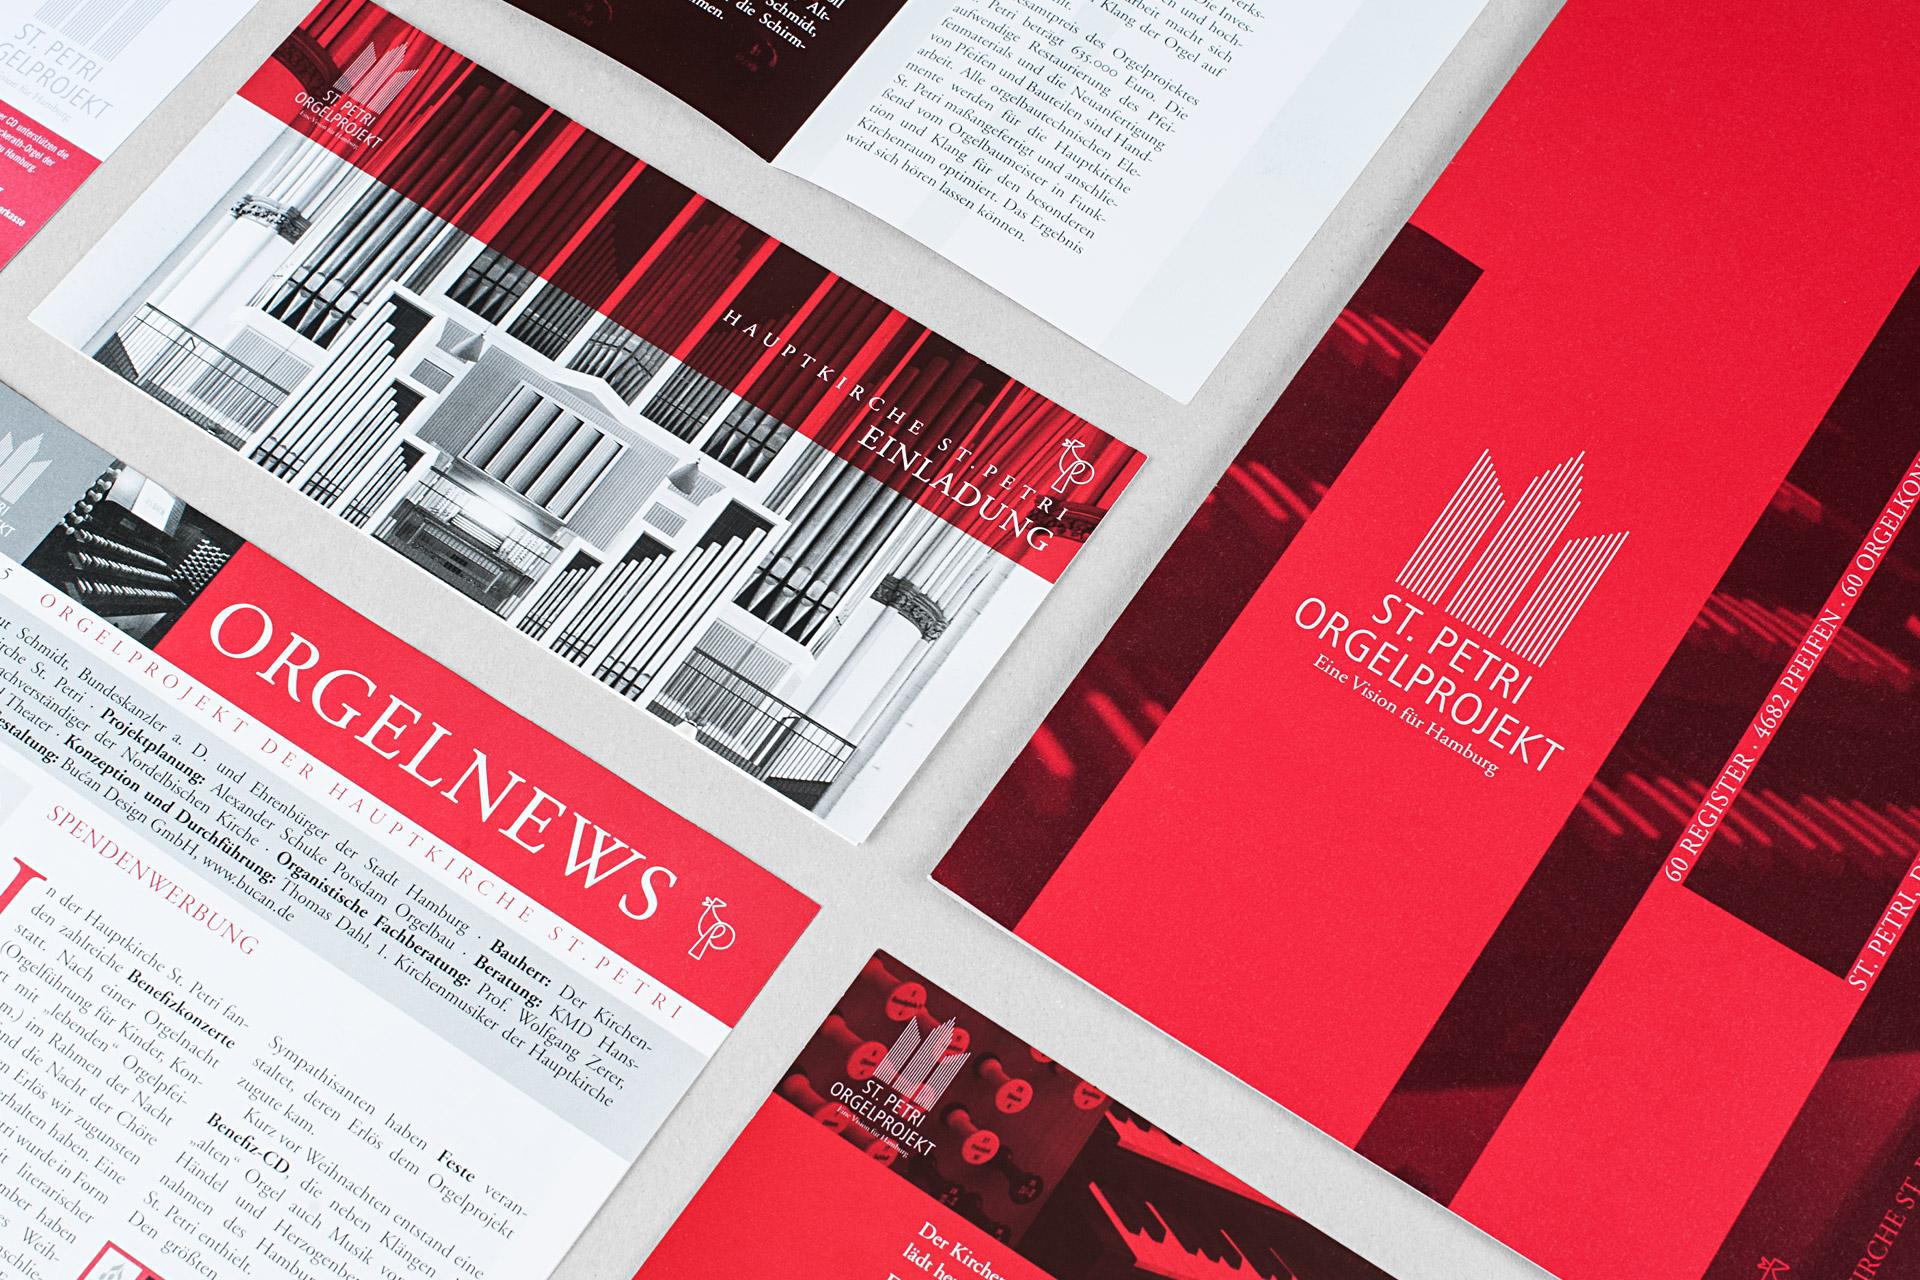 orgelprojekt-corporate-design drucksachen